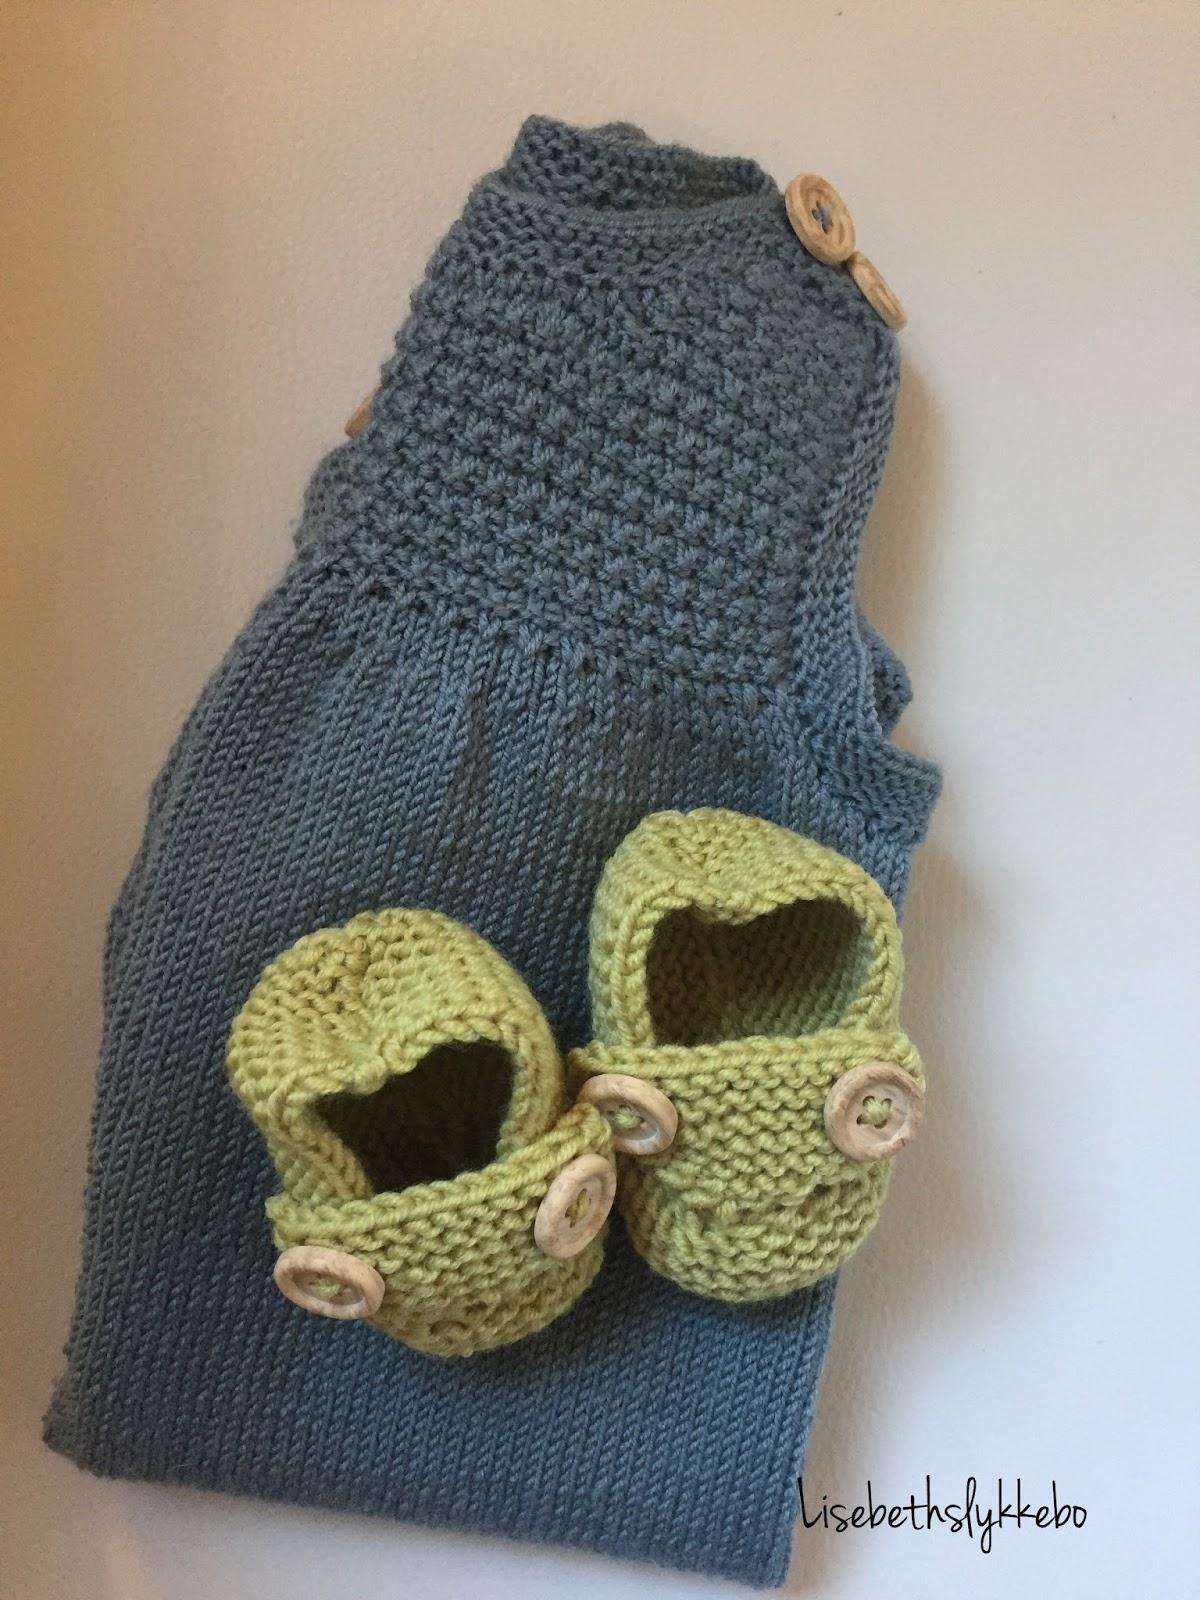 0ef4d540 Jeg kom over en gratis oppskrift på ballongbukse fra Dale garn.  http://dalegarn.no/katalog/dg226-baby-hentesett/ Jeg falt pladask for denne  buksa da jeg ...